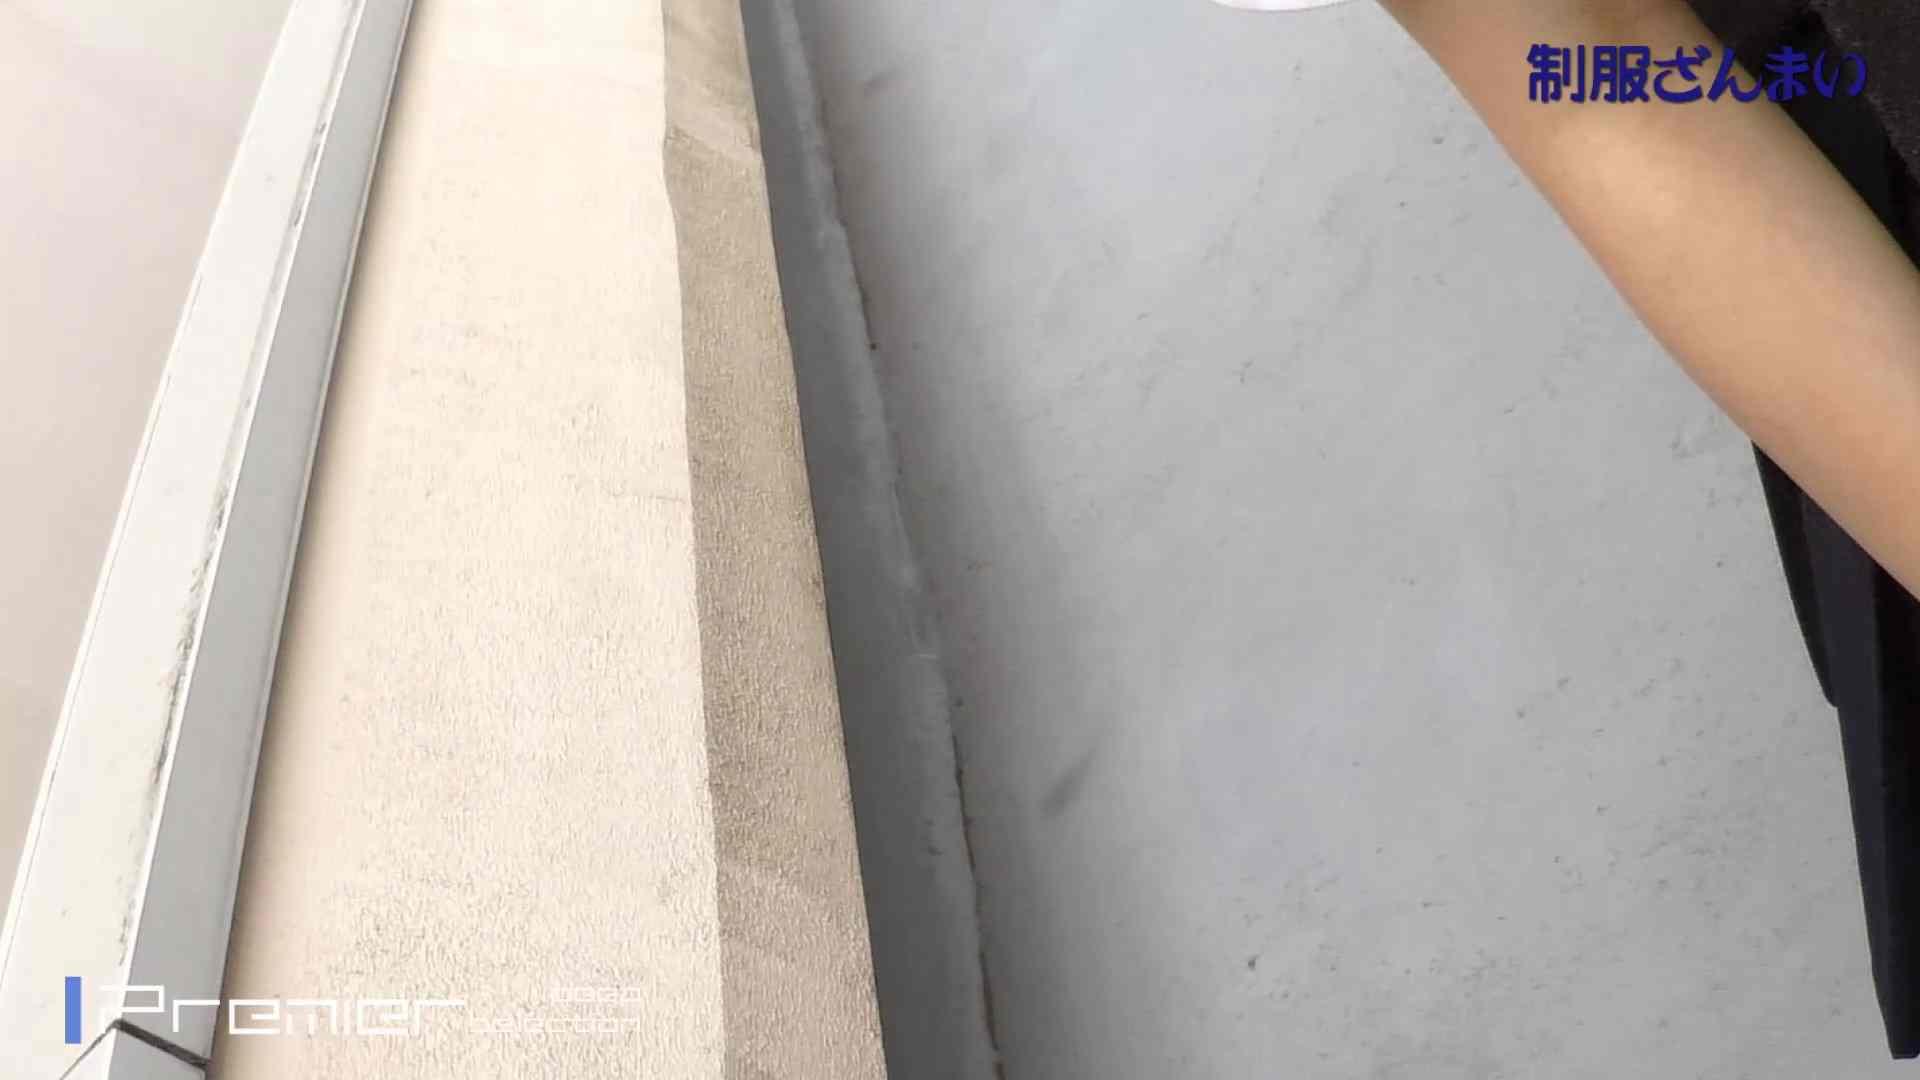 パンツを売る女 Vol.23制月反女子変態ざんまい前編 制服   パンツ  108連発 61